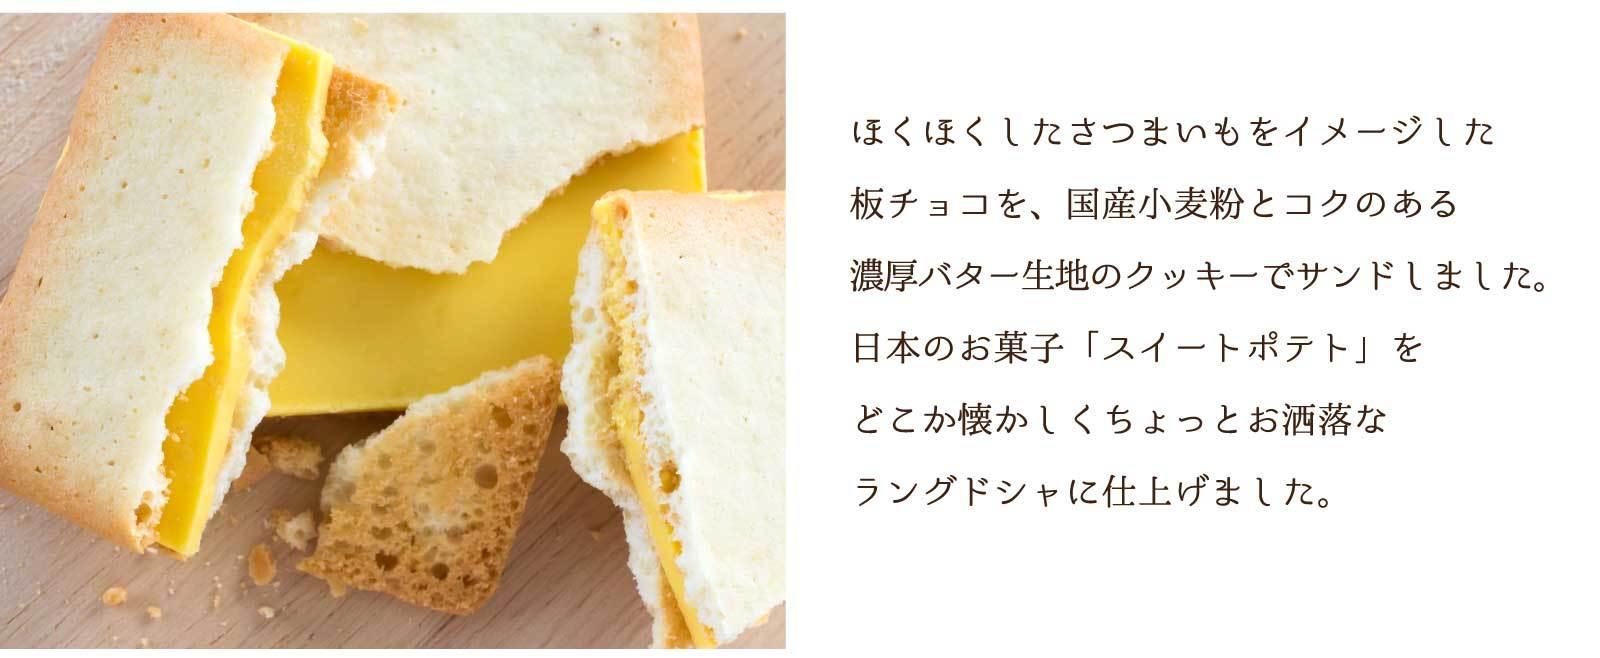 東京BakedBase 買物 スイートポテトラングドシャ10枚入 ベイクドベイス 内祝 お土産 宅急便発送 proper 焼菓子 洋菓子